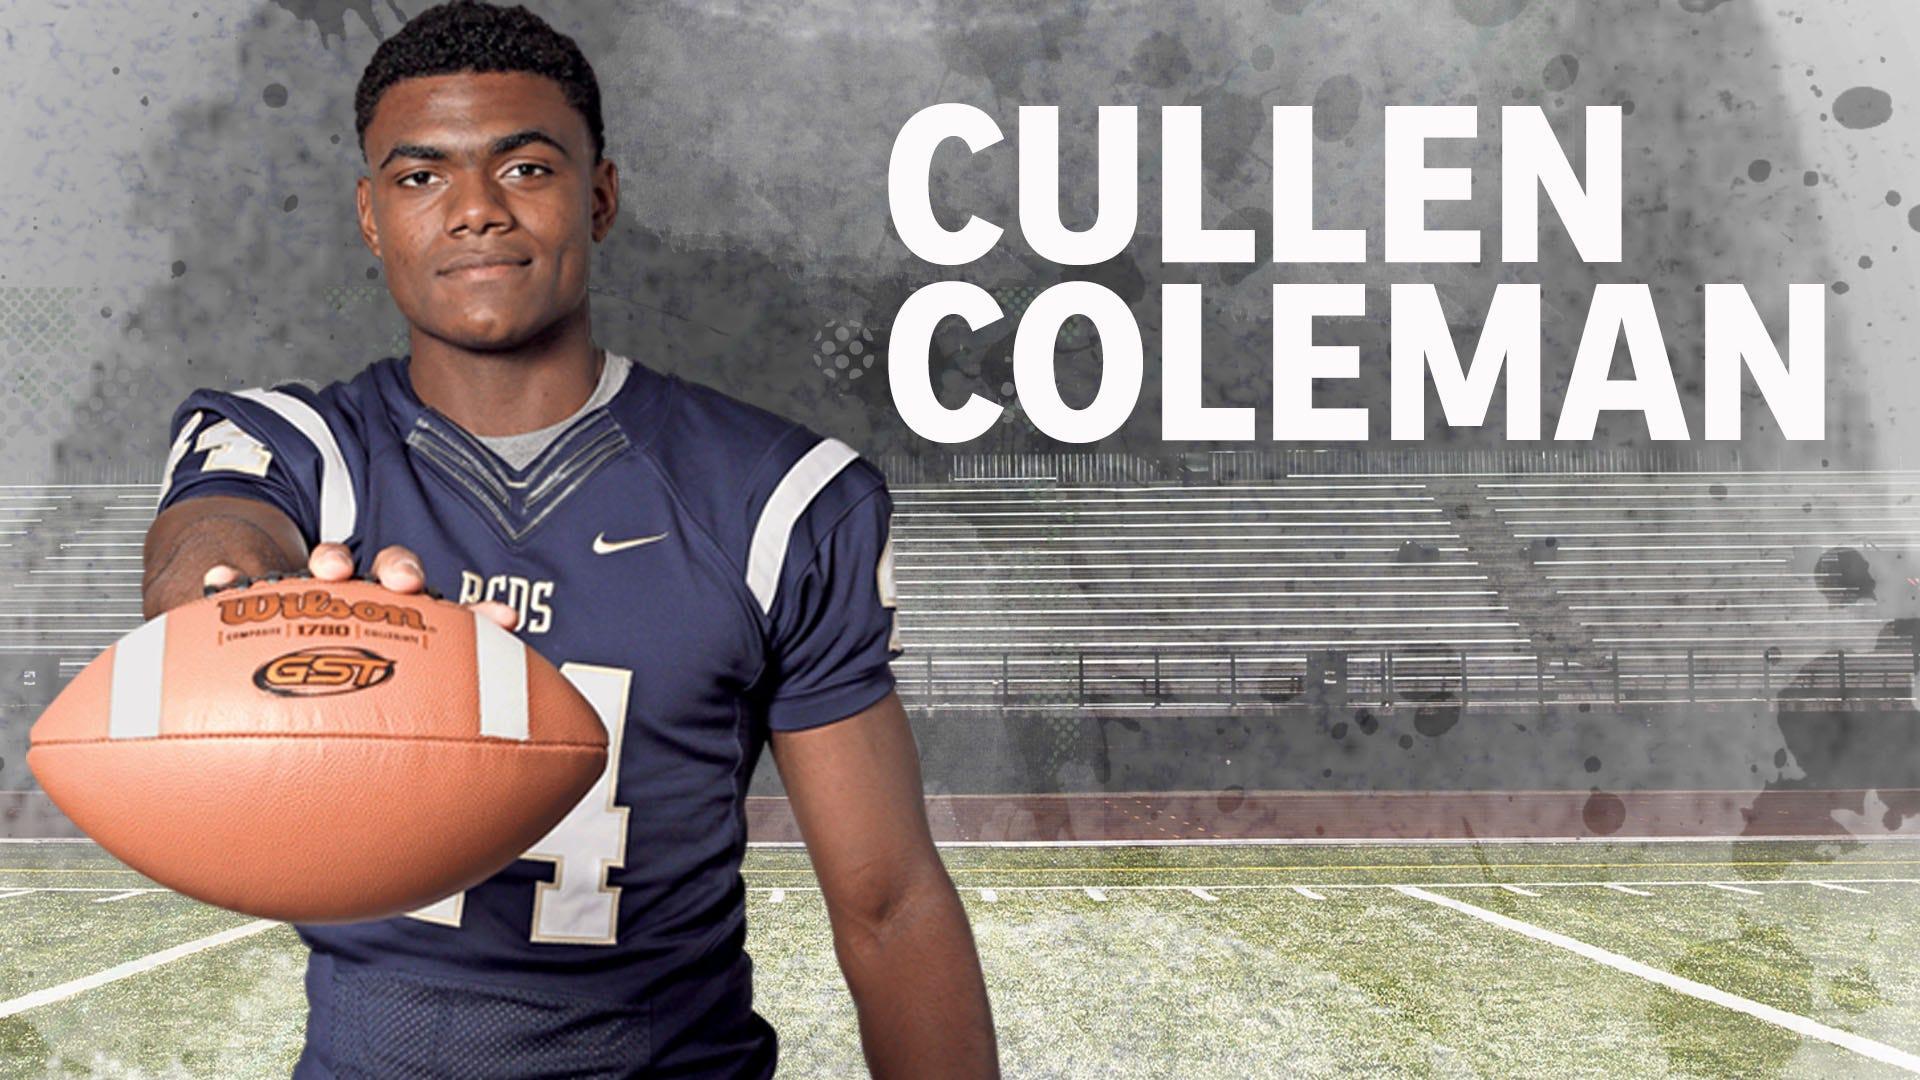 Cullen Coleman